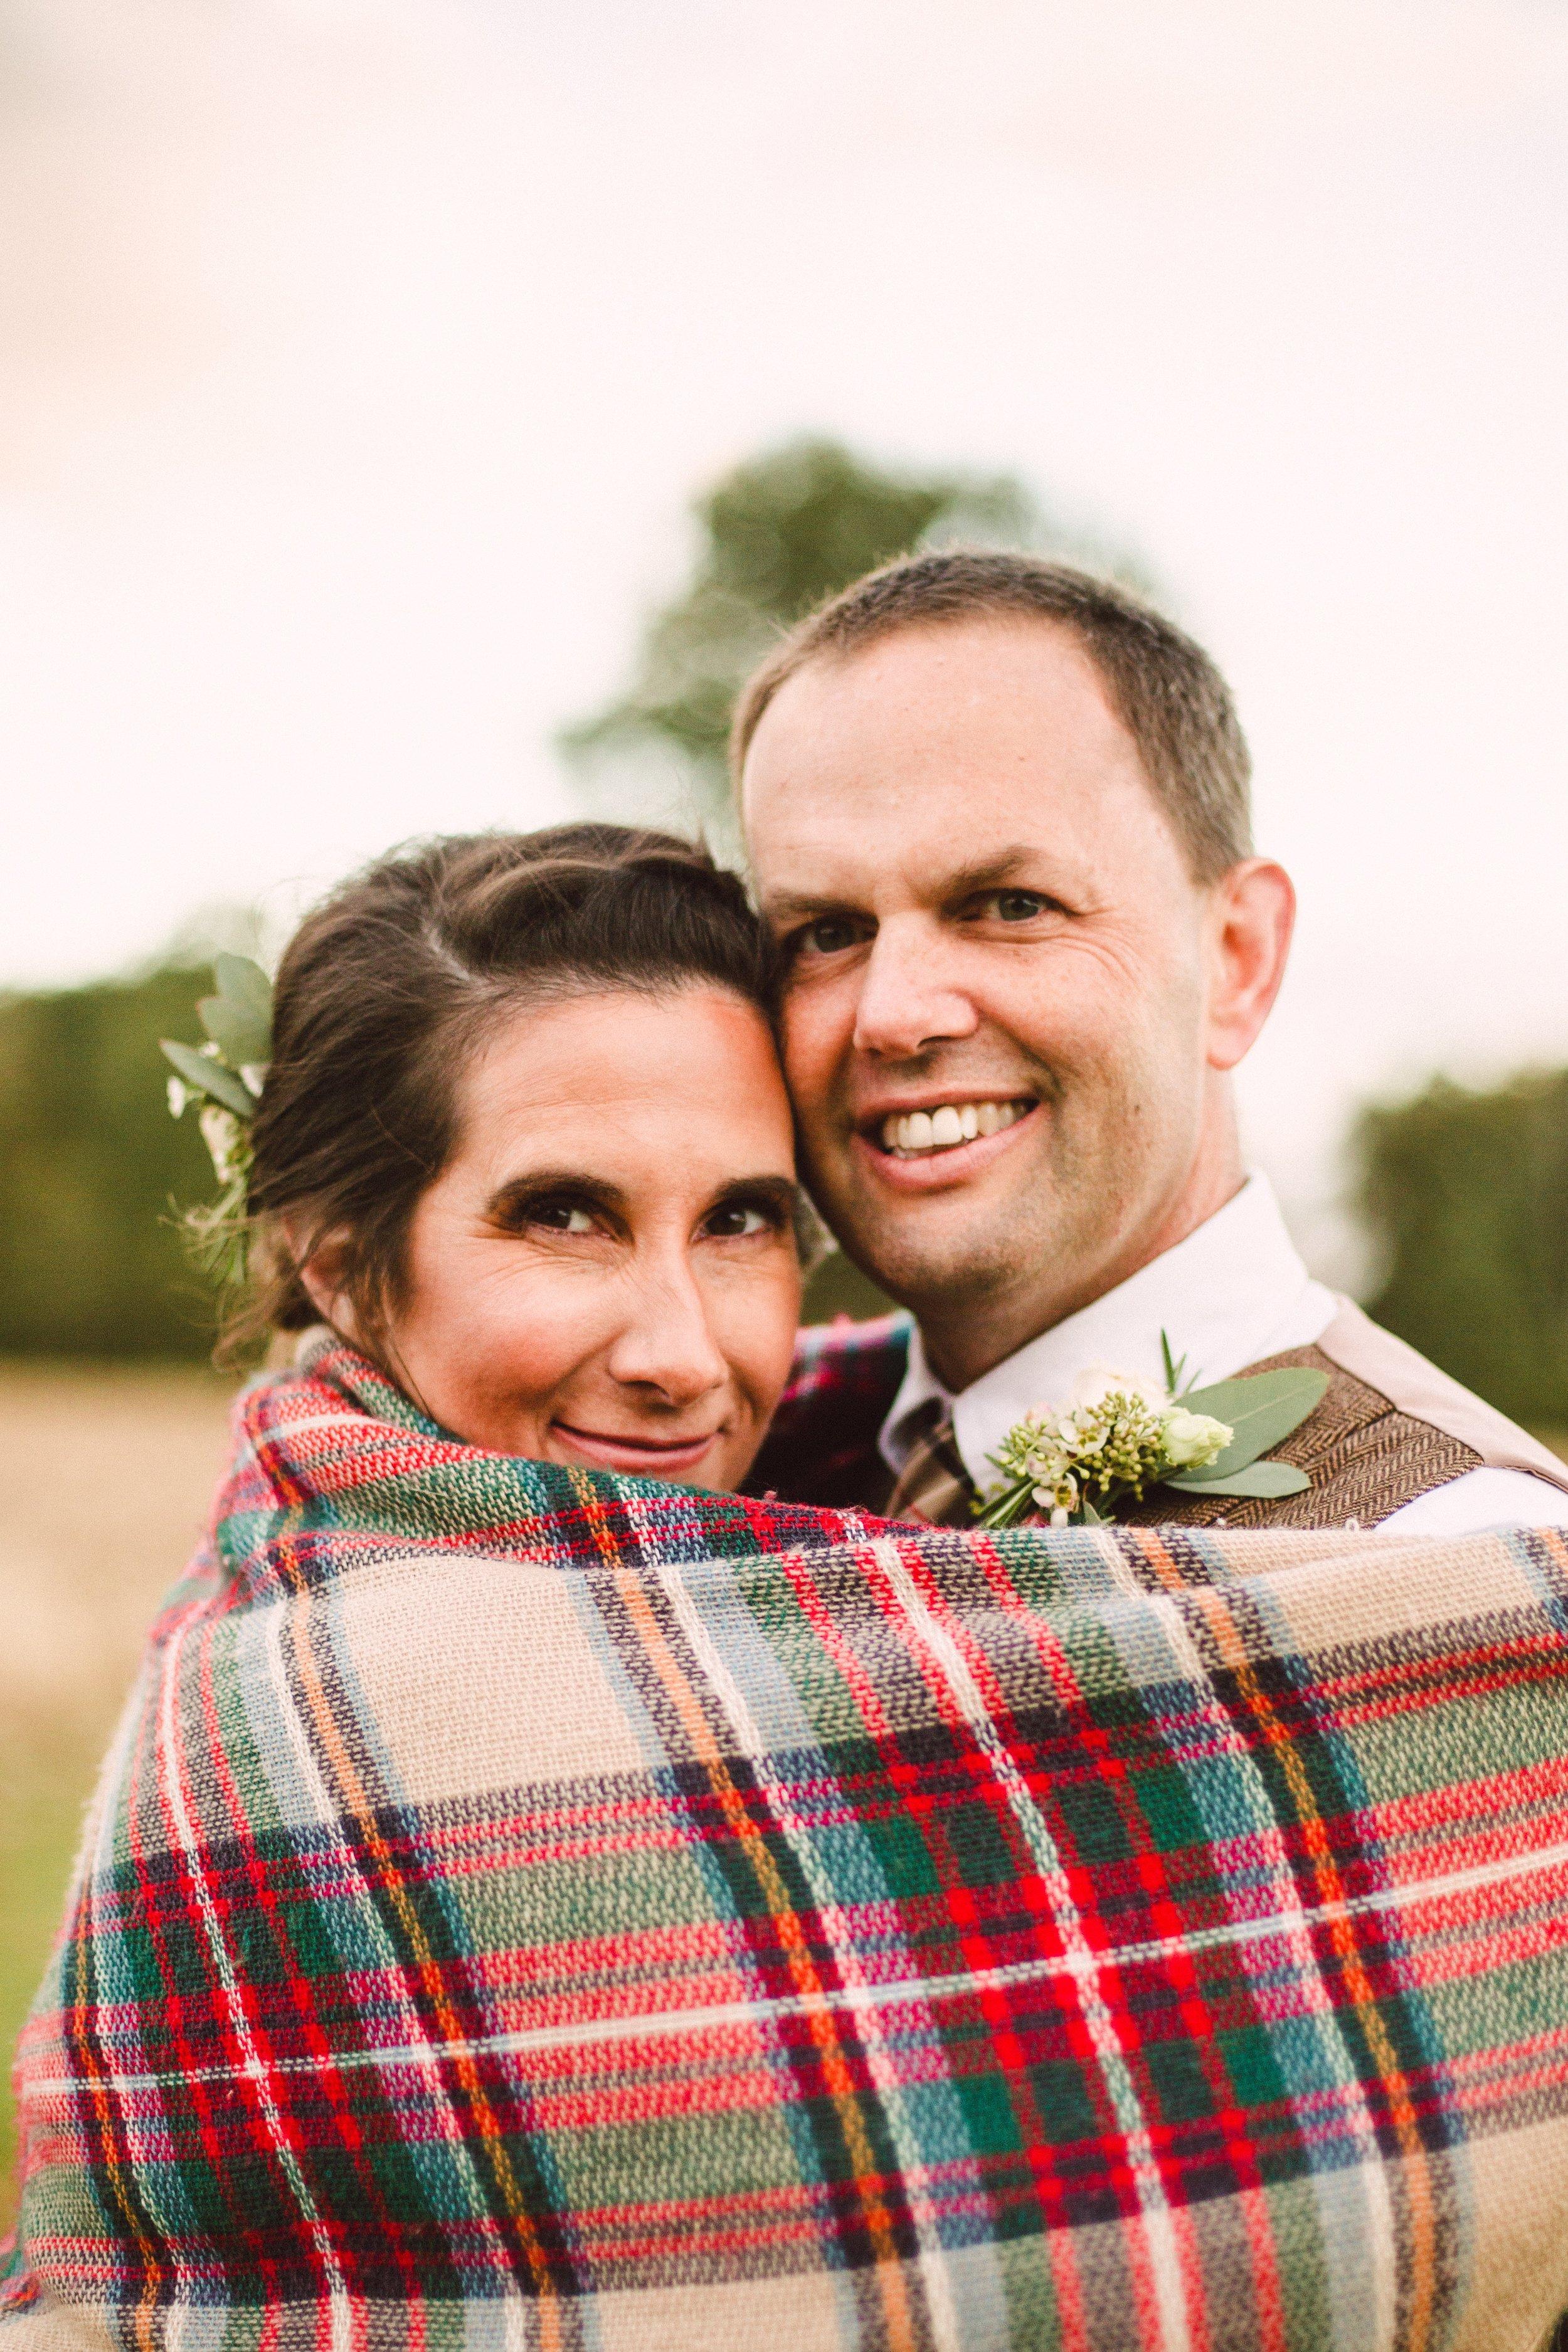 Rustic farm wedding - Cincinnati wedding - Fritz Farm Weddings Ohio